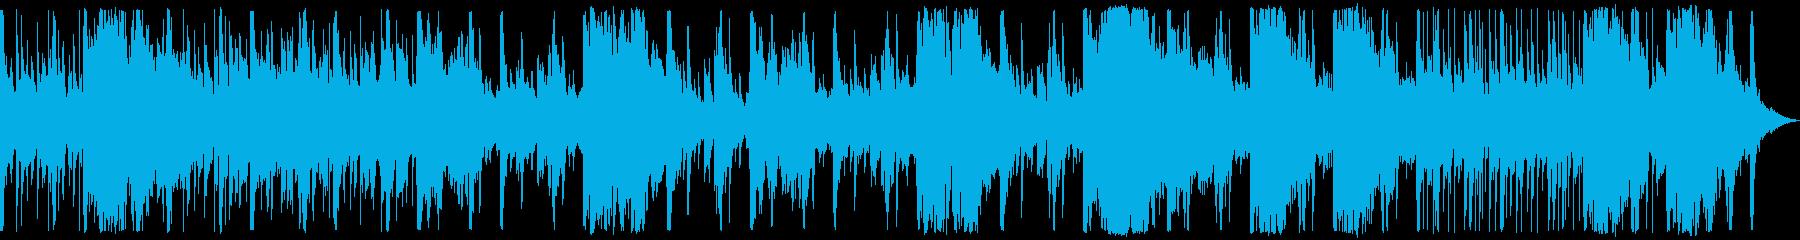 ダウンテンポのチルホップドラムと中...の再生済みの波形